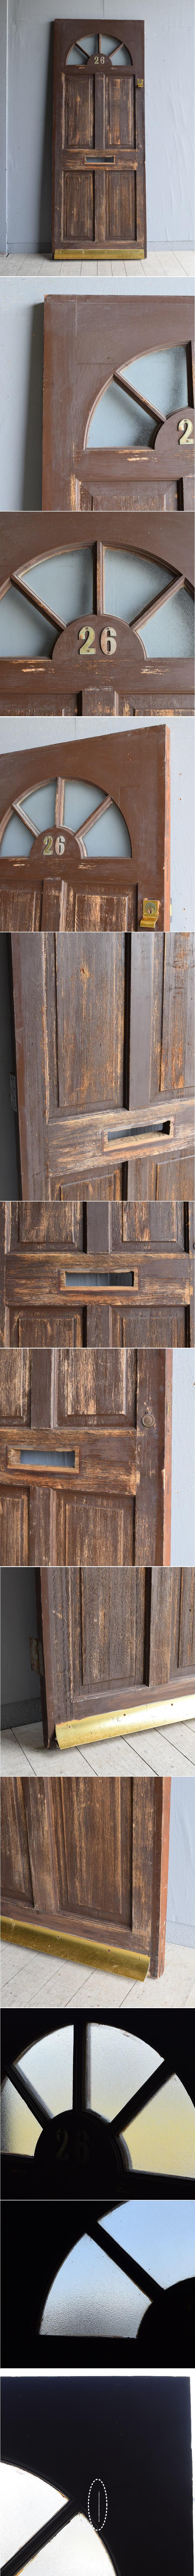 イギリス アンティーク ガラス ドア 扉 ディスプレイ 建具 7975